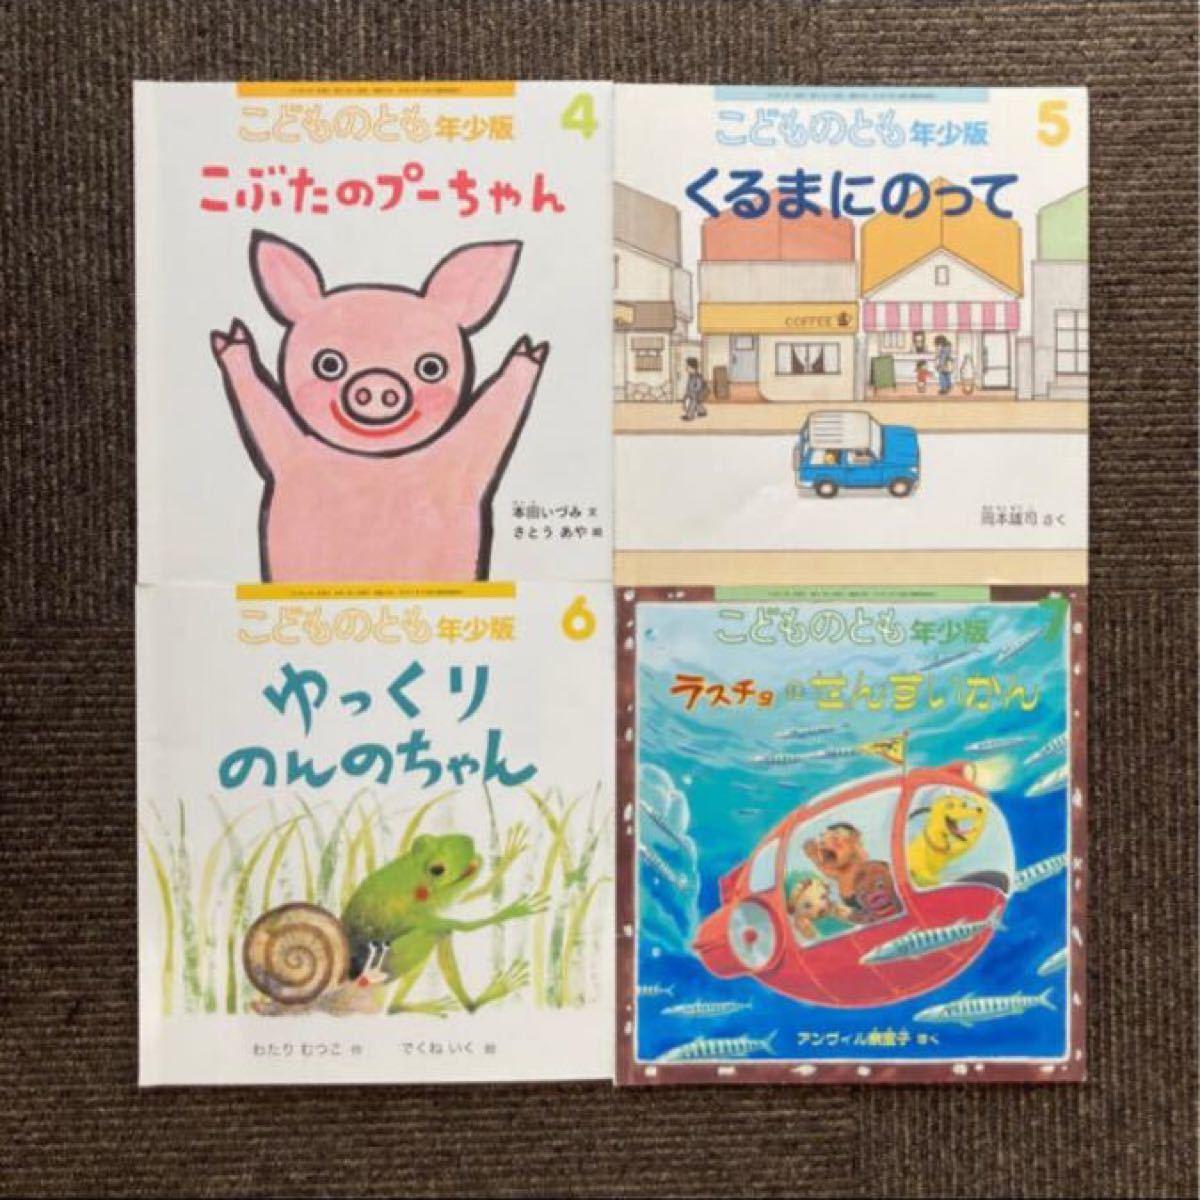 こどものとも 幼稚園 年小向き 福音館書店 絵本 お買い得な4冊セット えほん